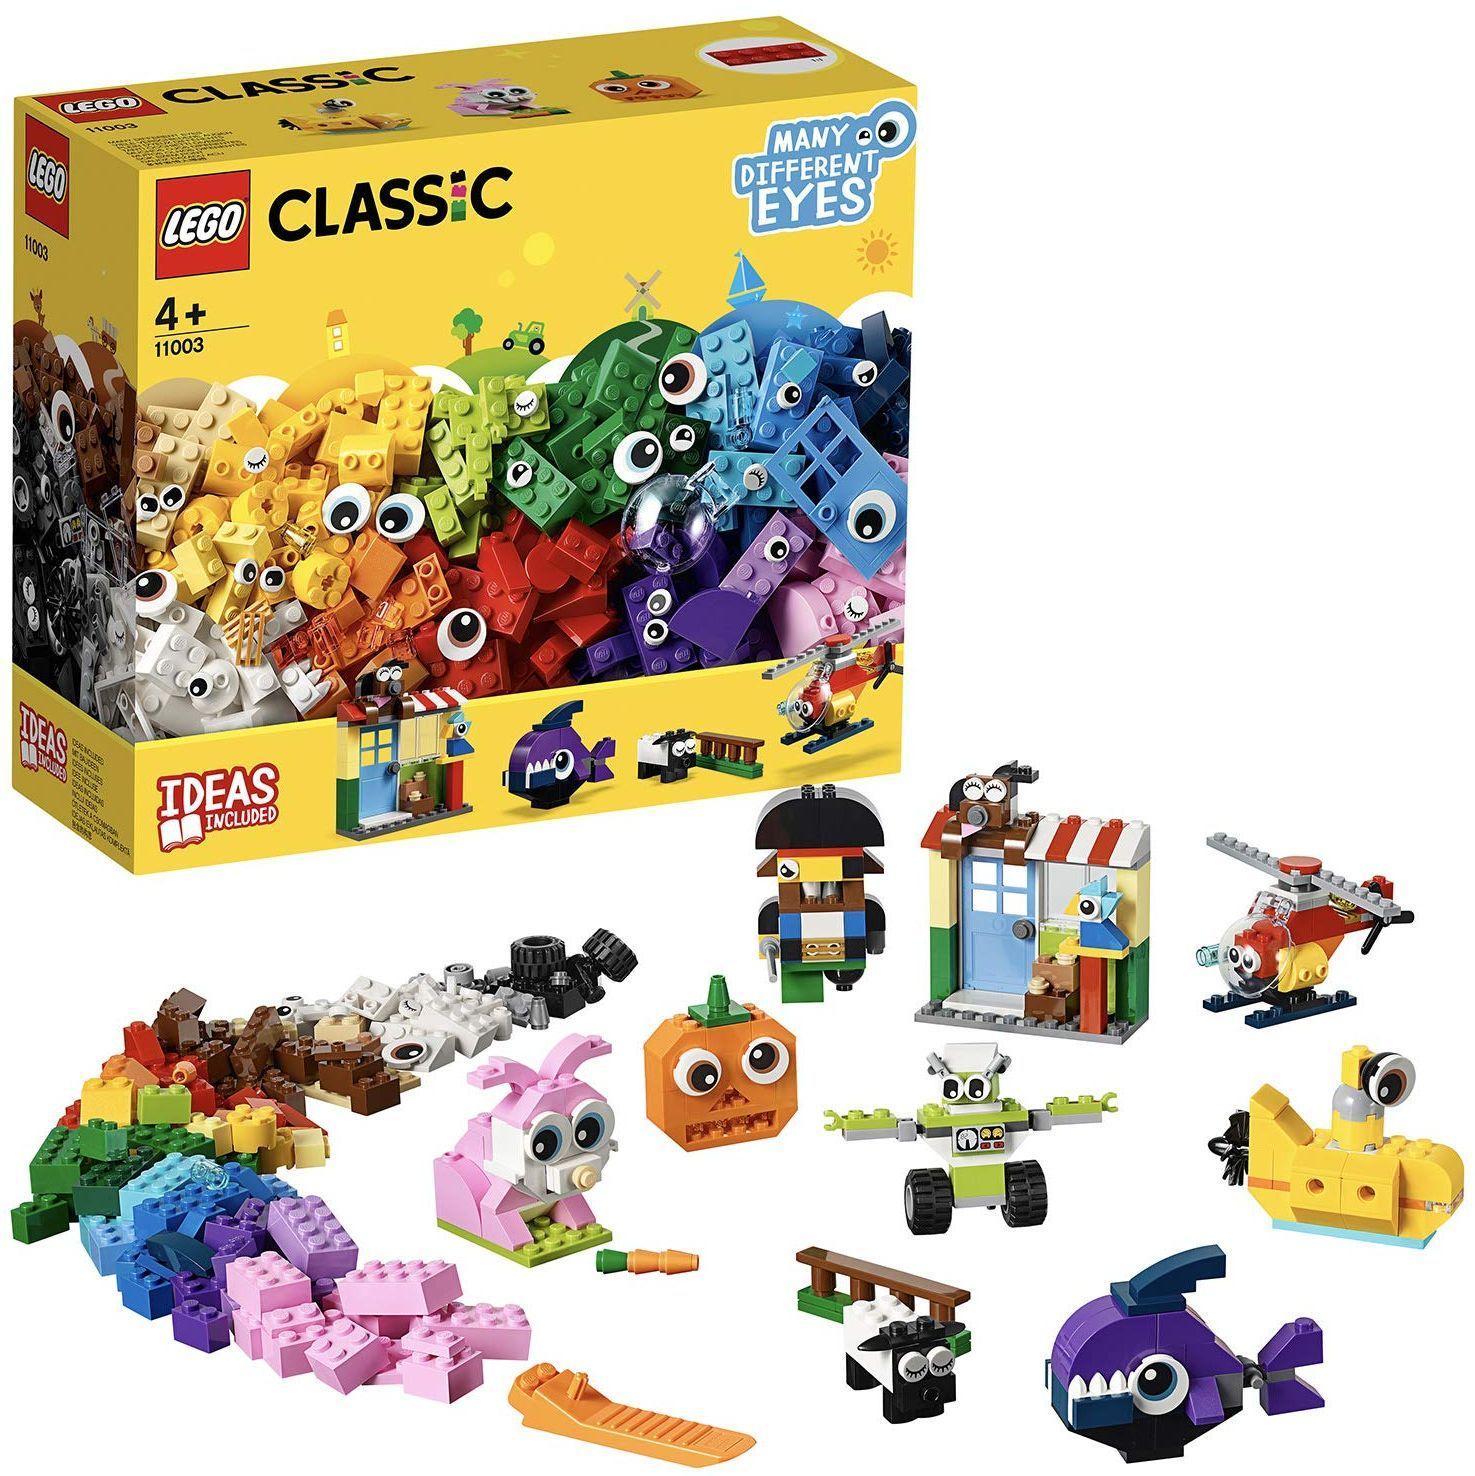 Конструктор Lego Classic - Тухлички и очи (11003) - 8